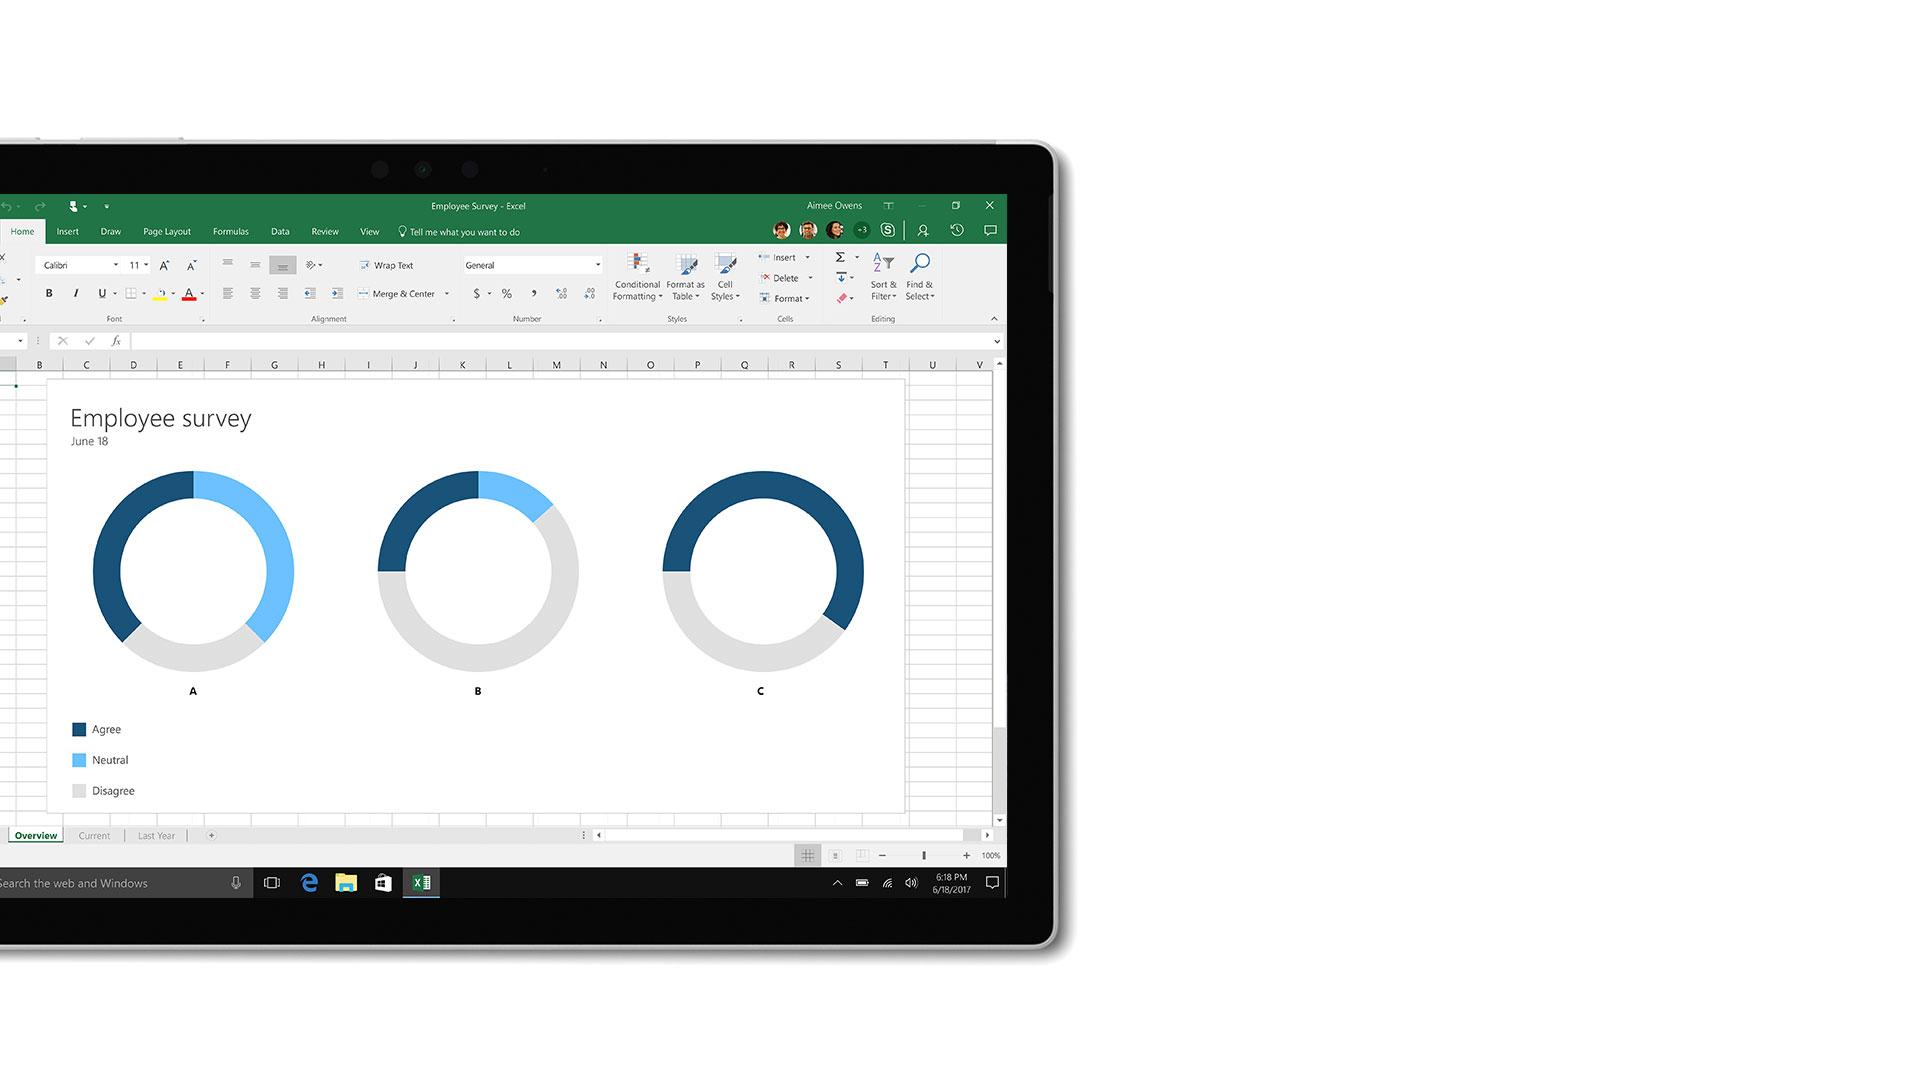 Bilde av brukergrensesnittet i Microsoft Excel